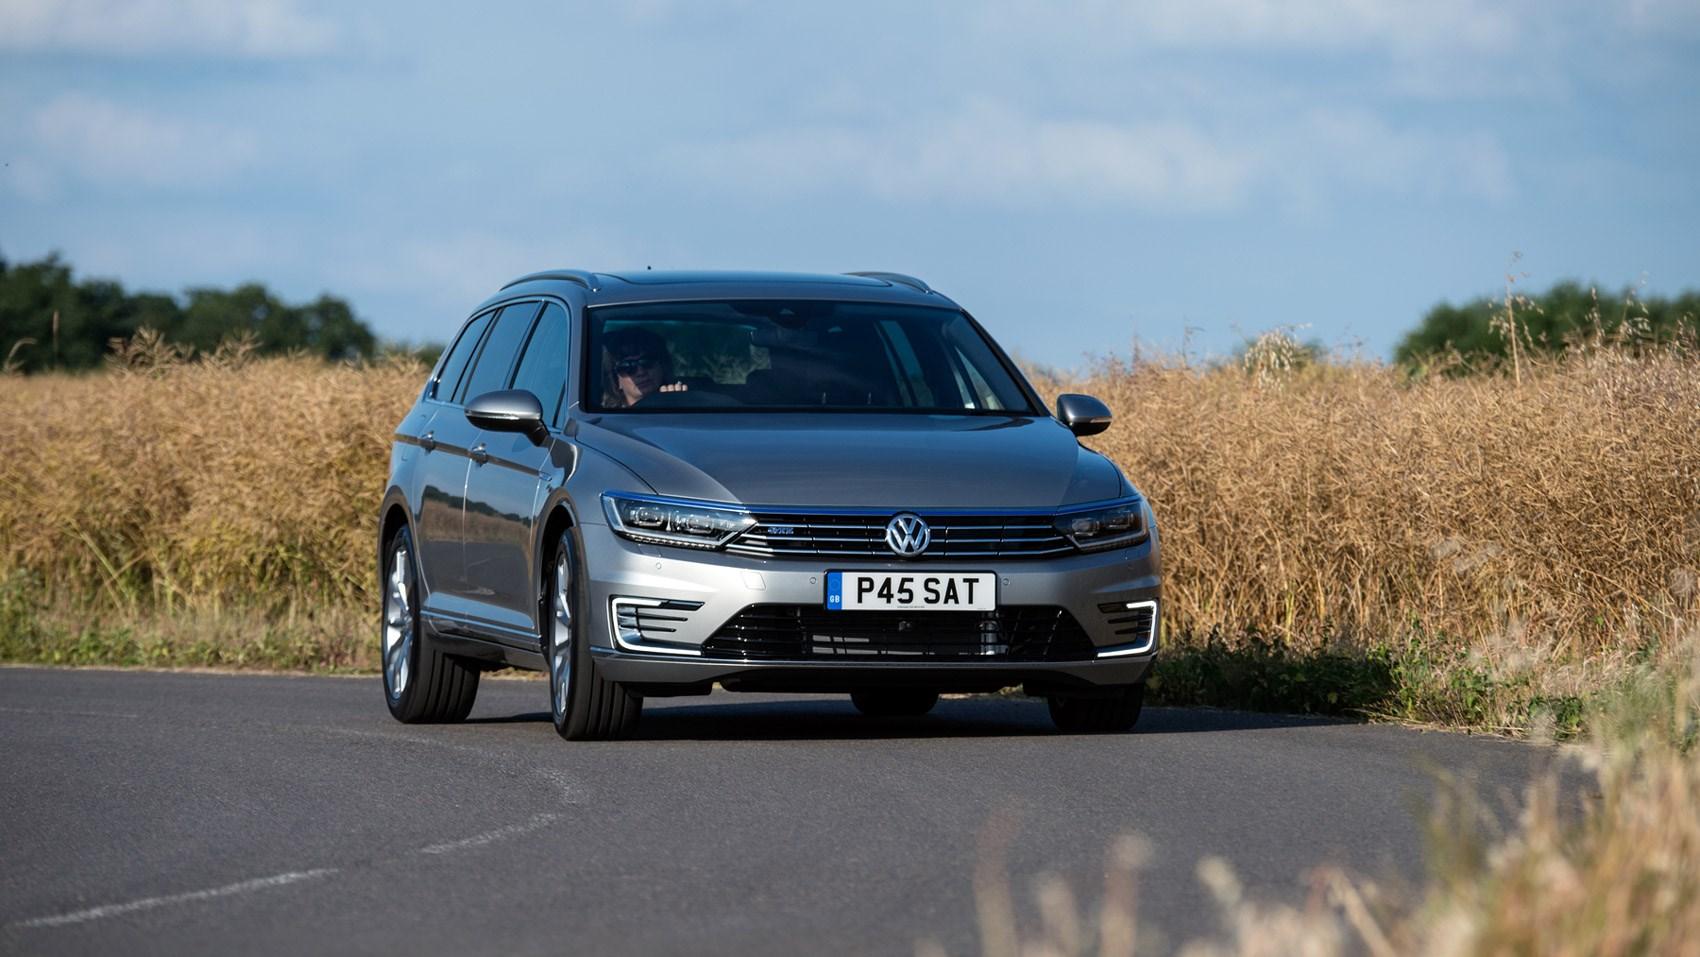 Volkswagen passat review 2017 autocar -  New Vw Passat Gte Corners Smartly Enough But It S No Sports Estate